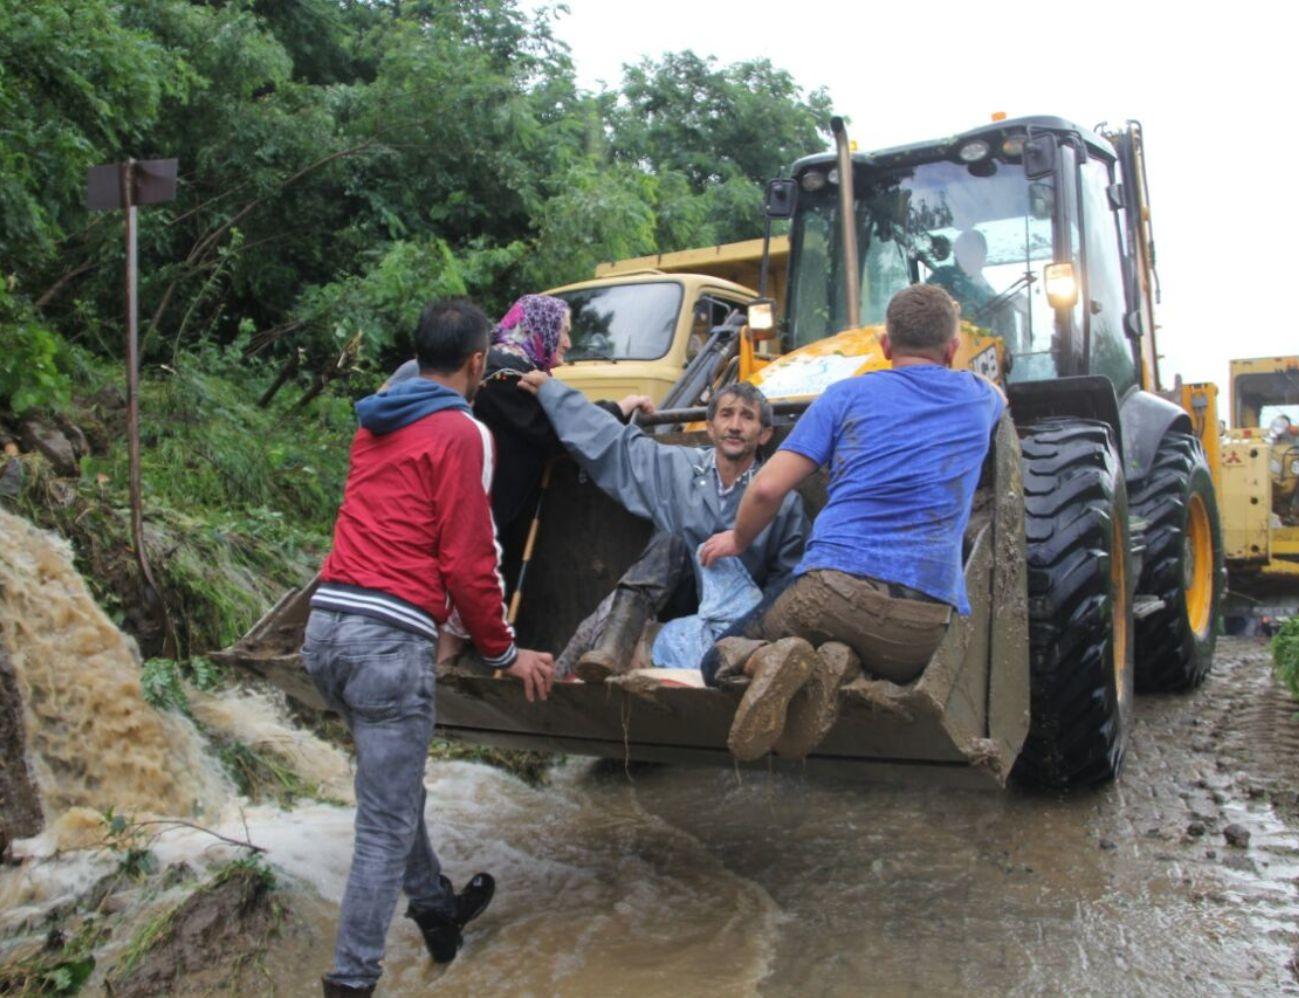 Ordu'da sel ve heyelan: 3 ölü, 2 kayıp